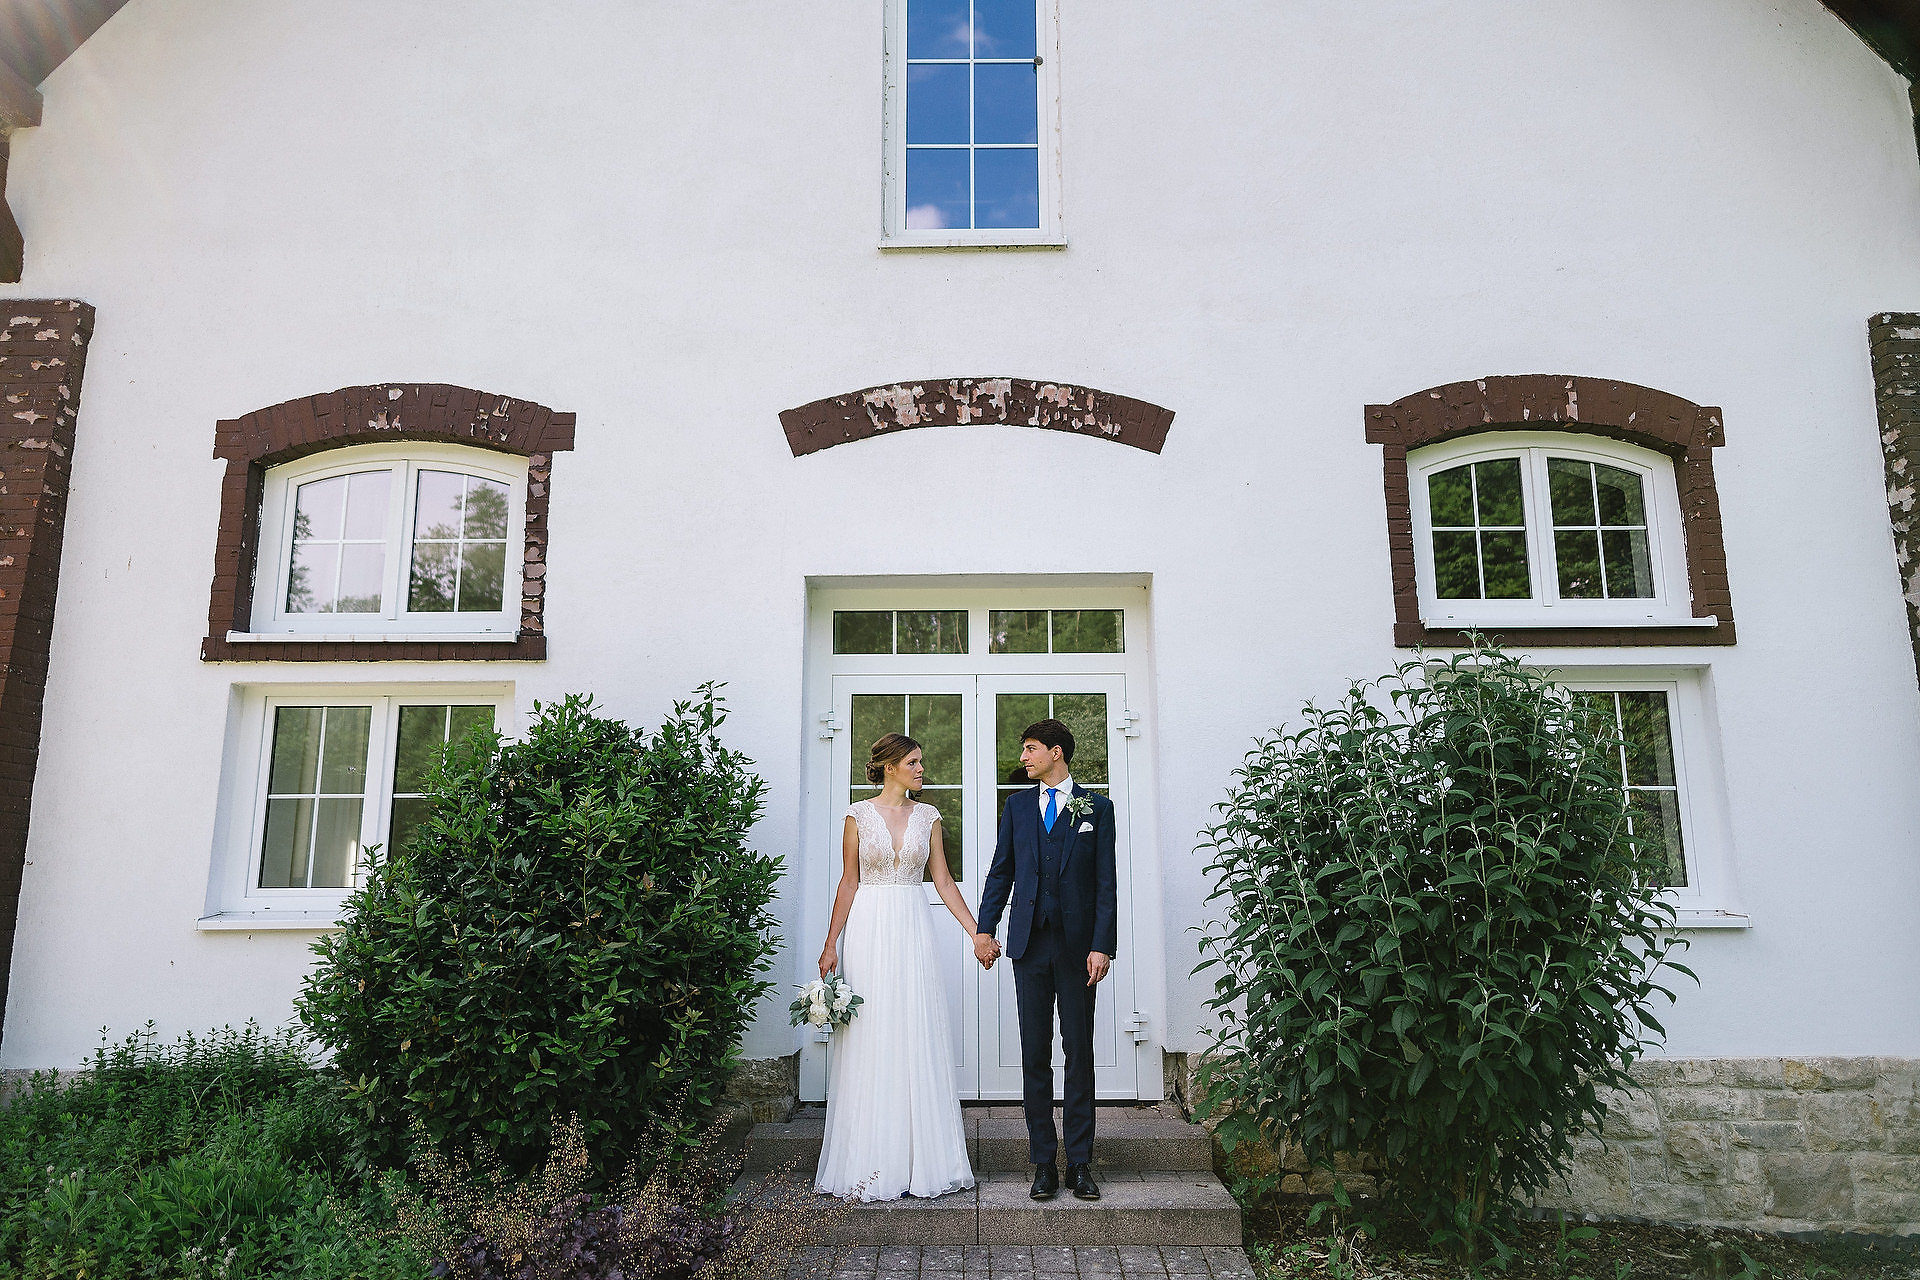 Fotograf Konstanz - Hochzeitsreportage Freiburg Hofgut Lilienhof Hochzeit Fotograf Konstanz 55 - Wedding in Freiburg and Hofgut Lilienhof  - 150 -